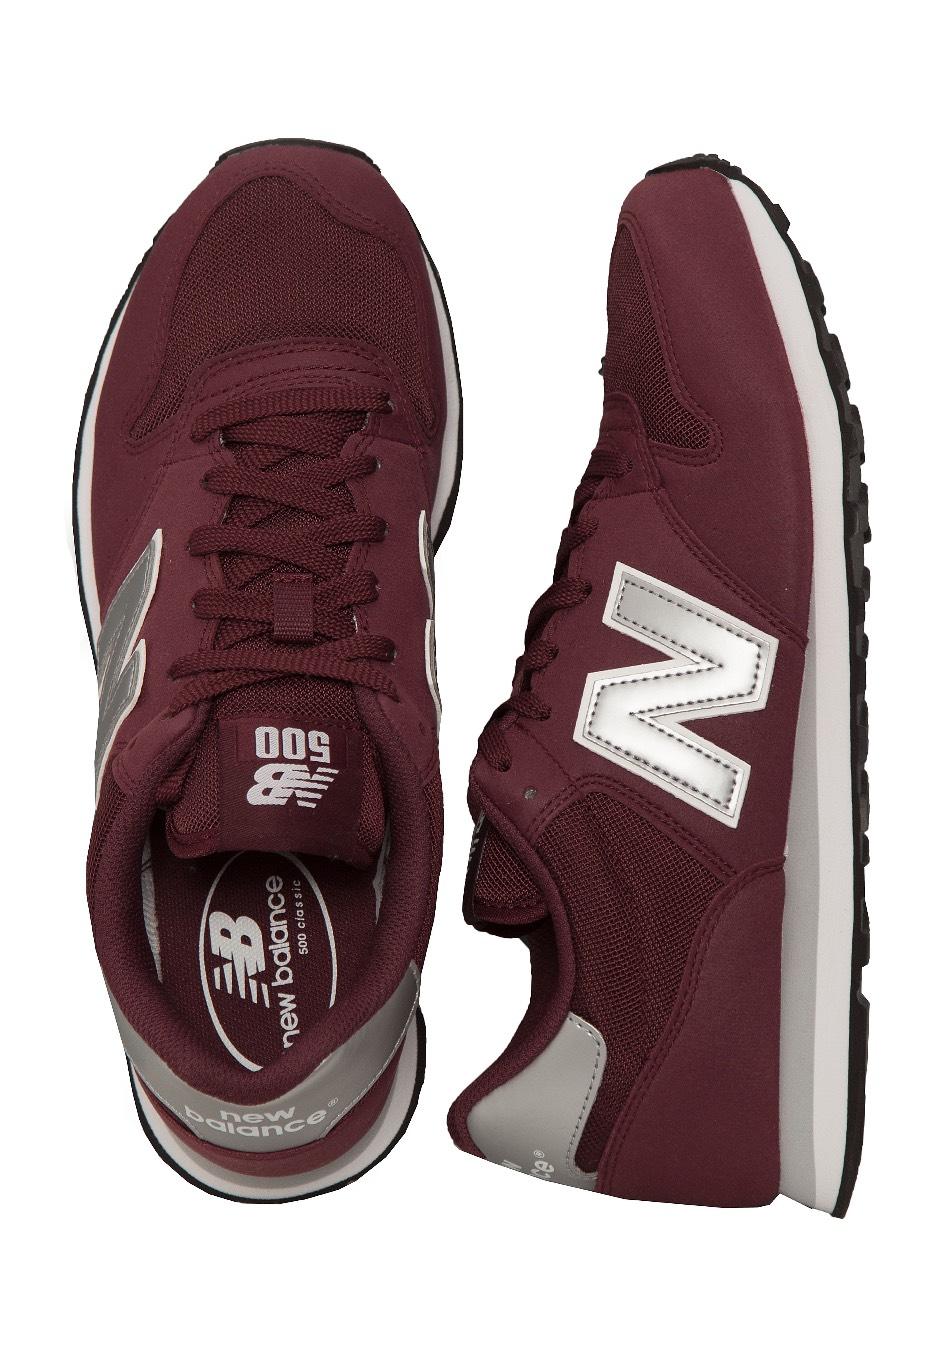 New Balance - GM500 D Burgundy - Shoes 01cbe66d3b8